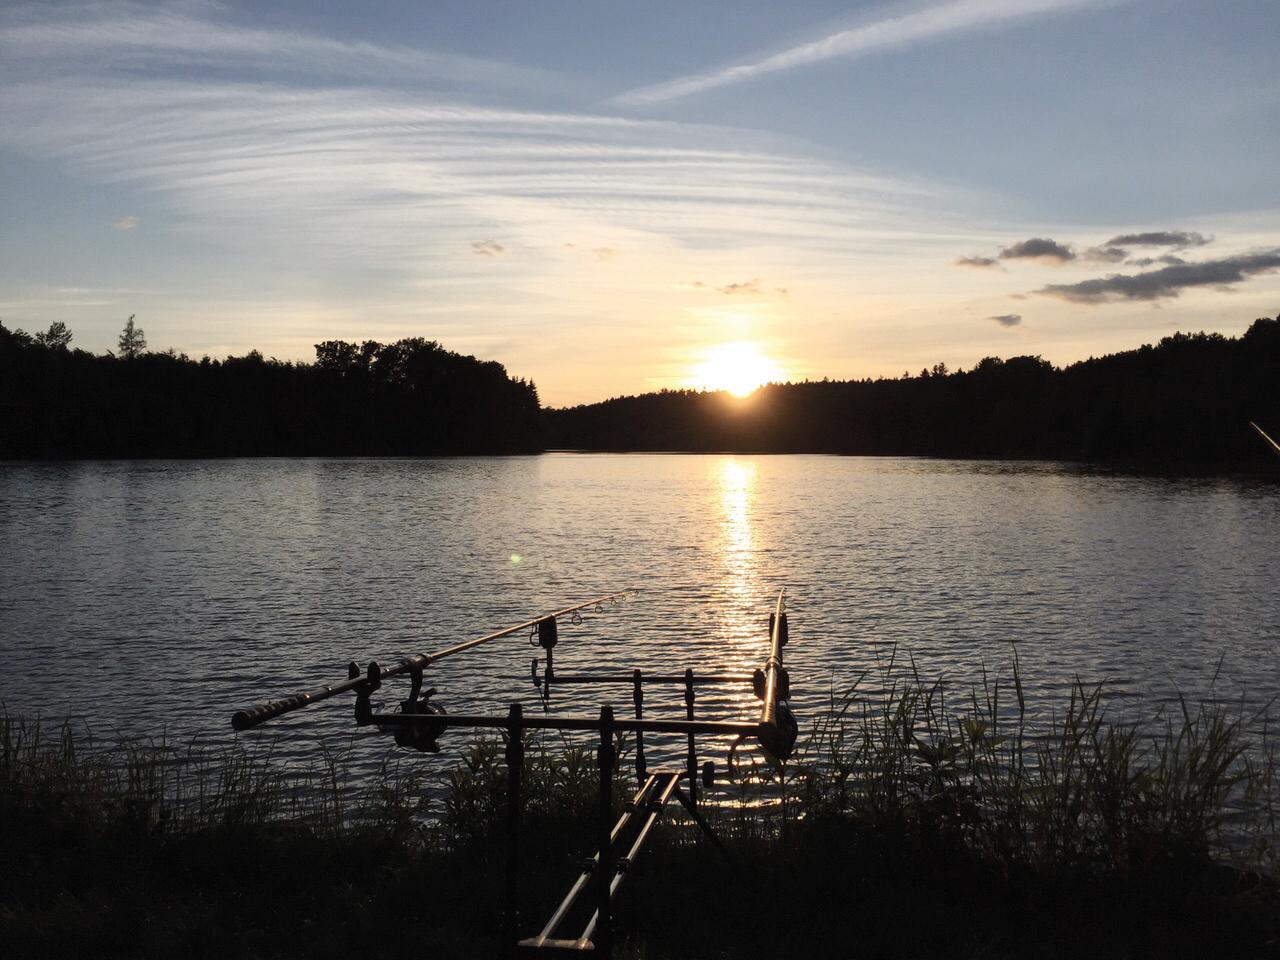 Fischteich Rotenturm bei Sonnenuntergang